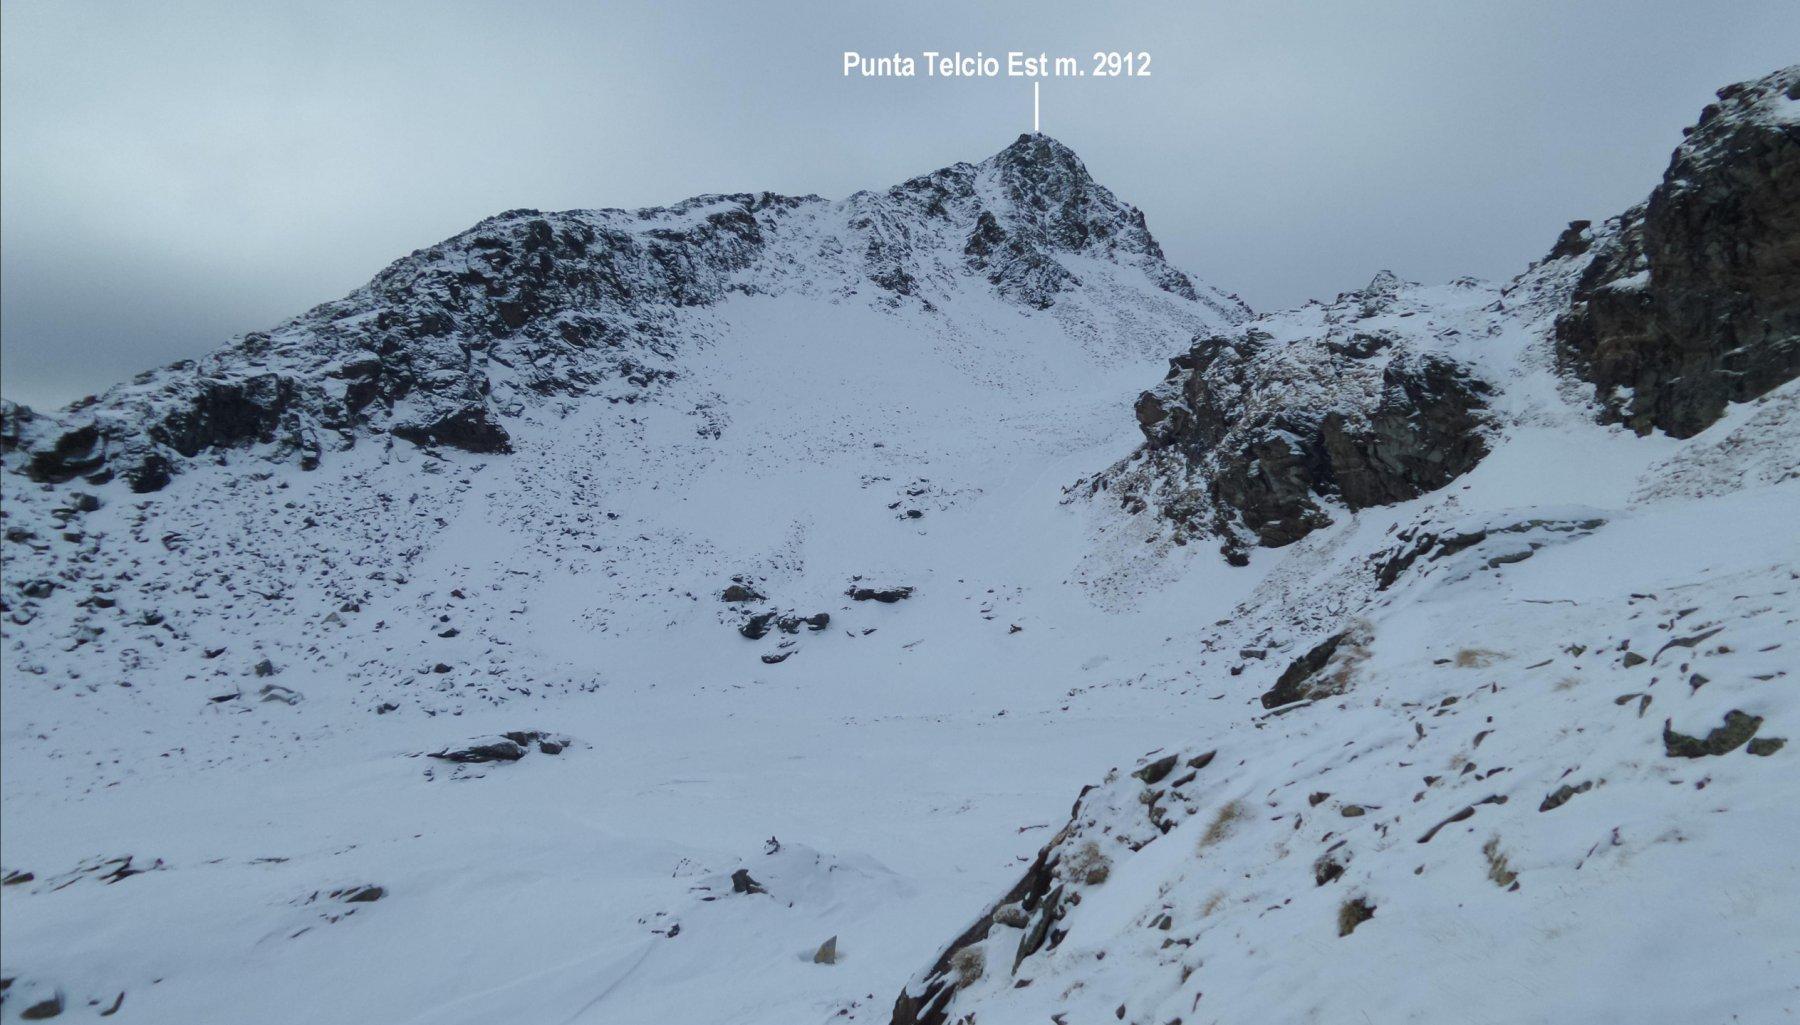 la Punta Telcio Est vista salendo al Colle di Salza